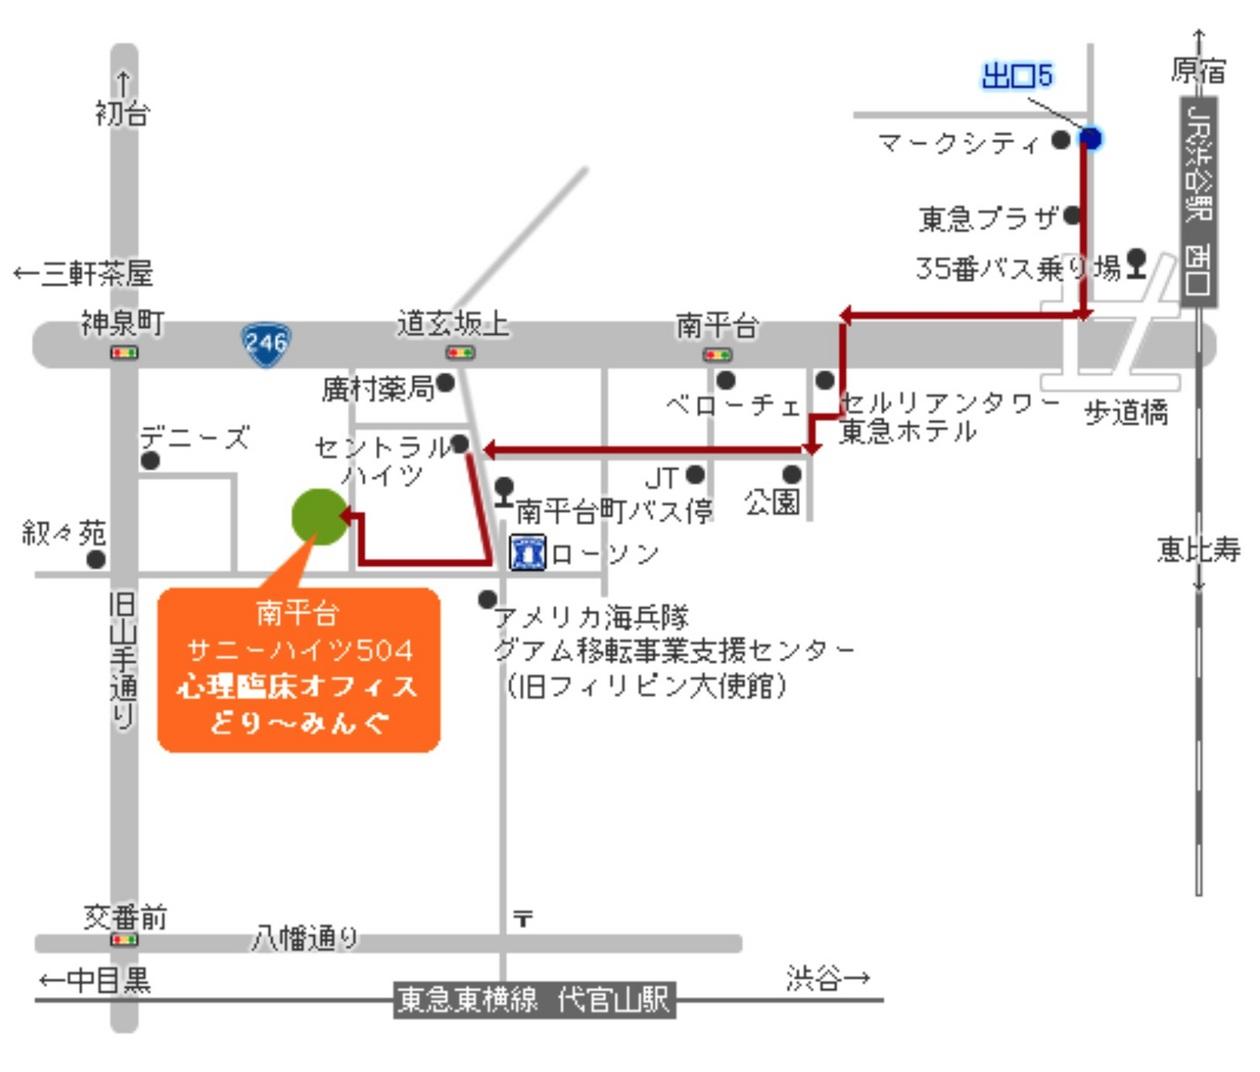 セッションルームの地図